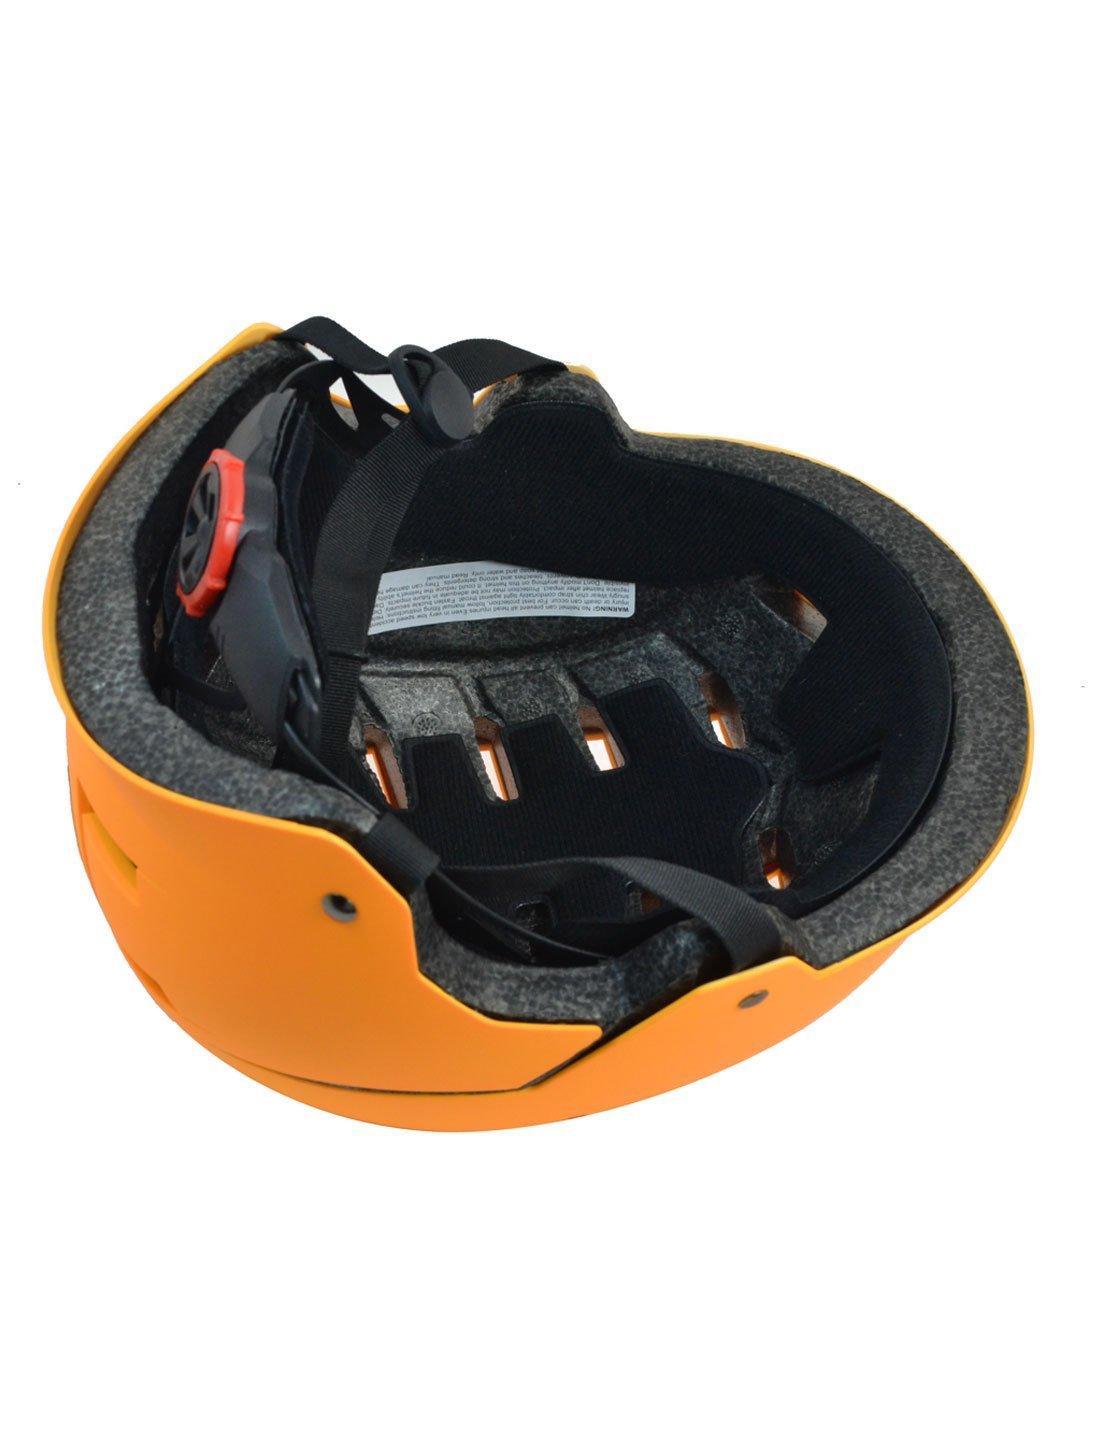 Amazon.com : eDealMax ahueca hacia fuera el diseño de la seguridad de PVC Para Bicicleta Casco de 23-25 pulgadas de Orange : Sports & Outdoors